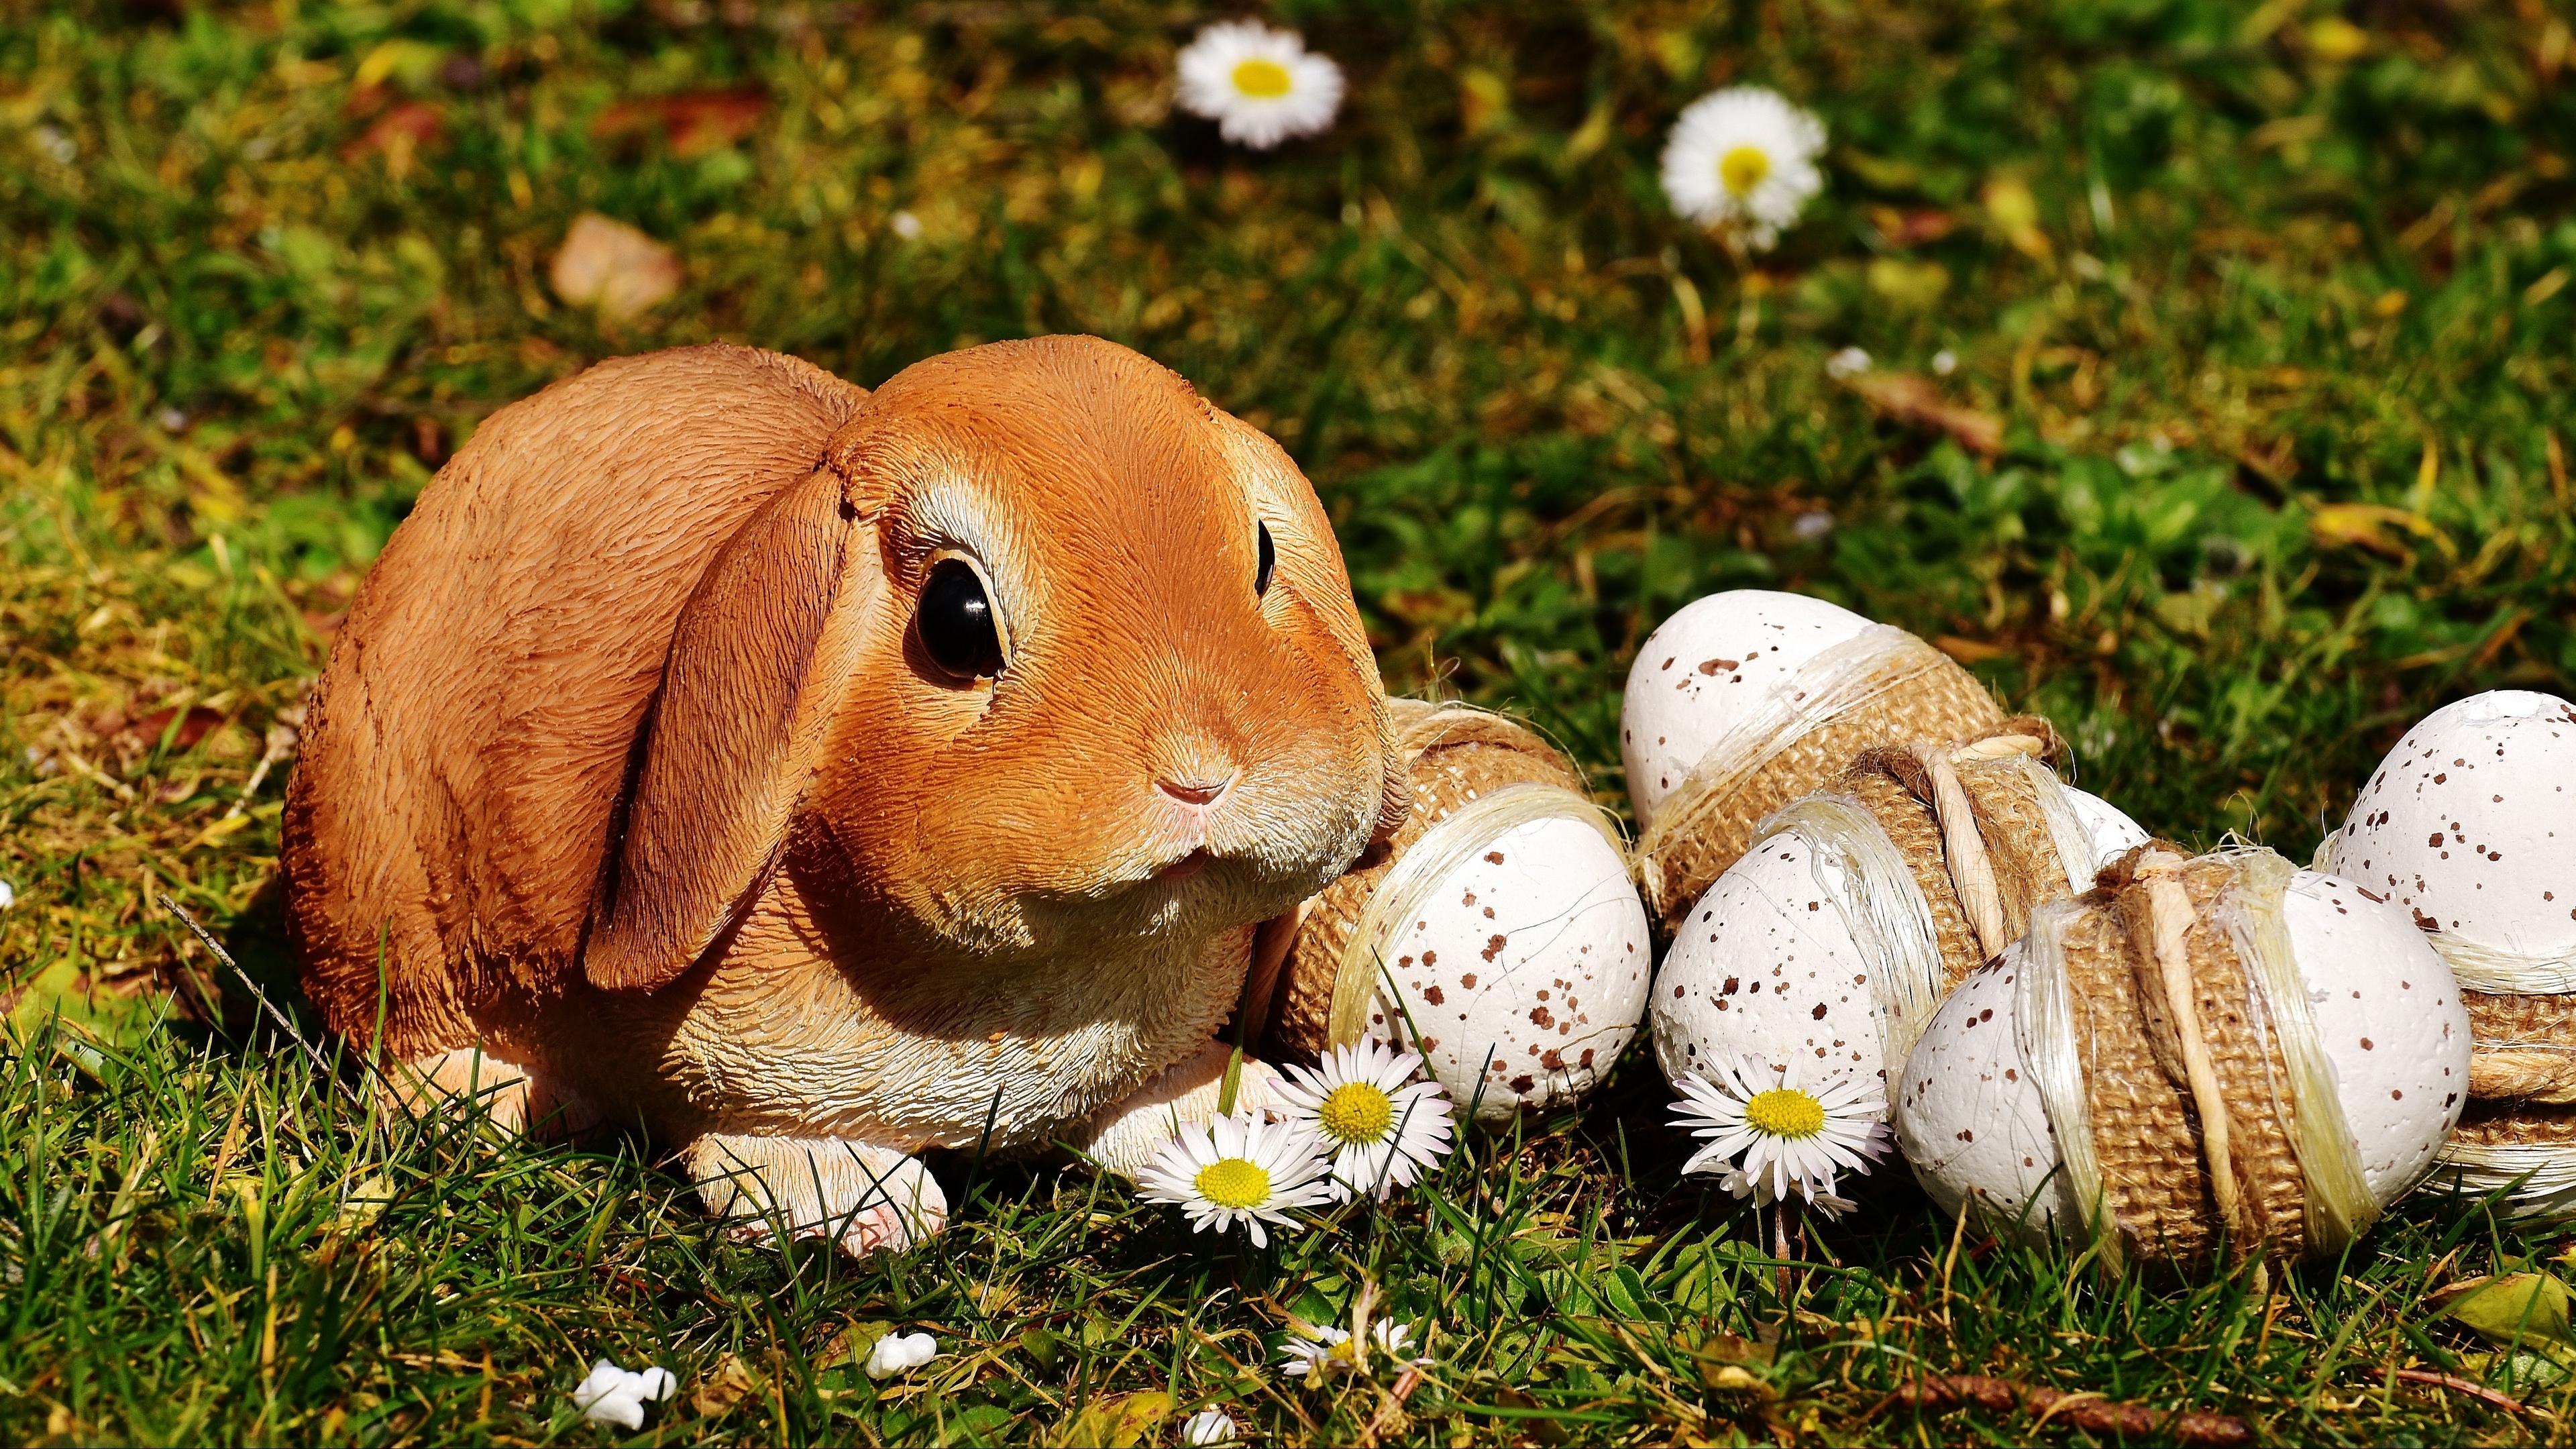 easter rabbit eggs 4k 1538344843 - easter, rabbit, eggs 4k - Rabbit, Eggs, Easter